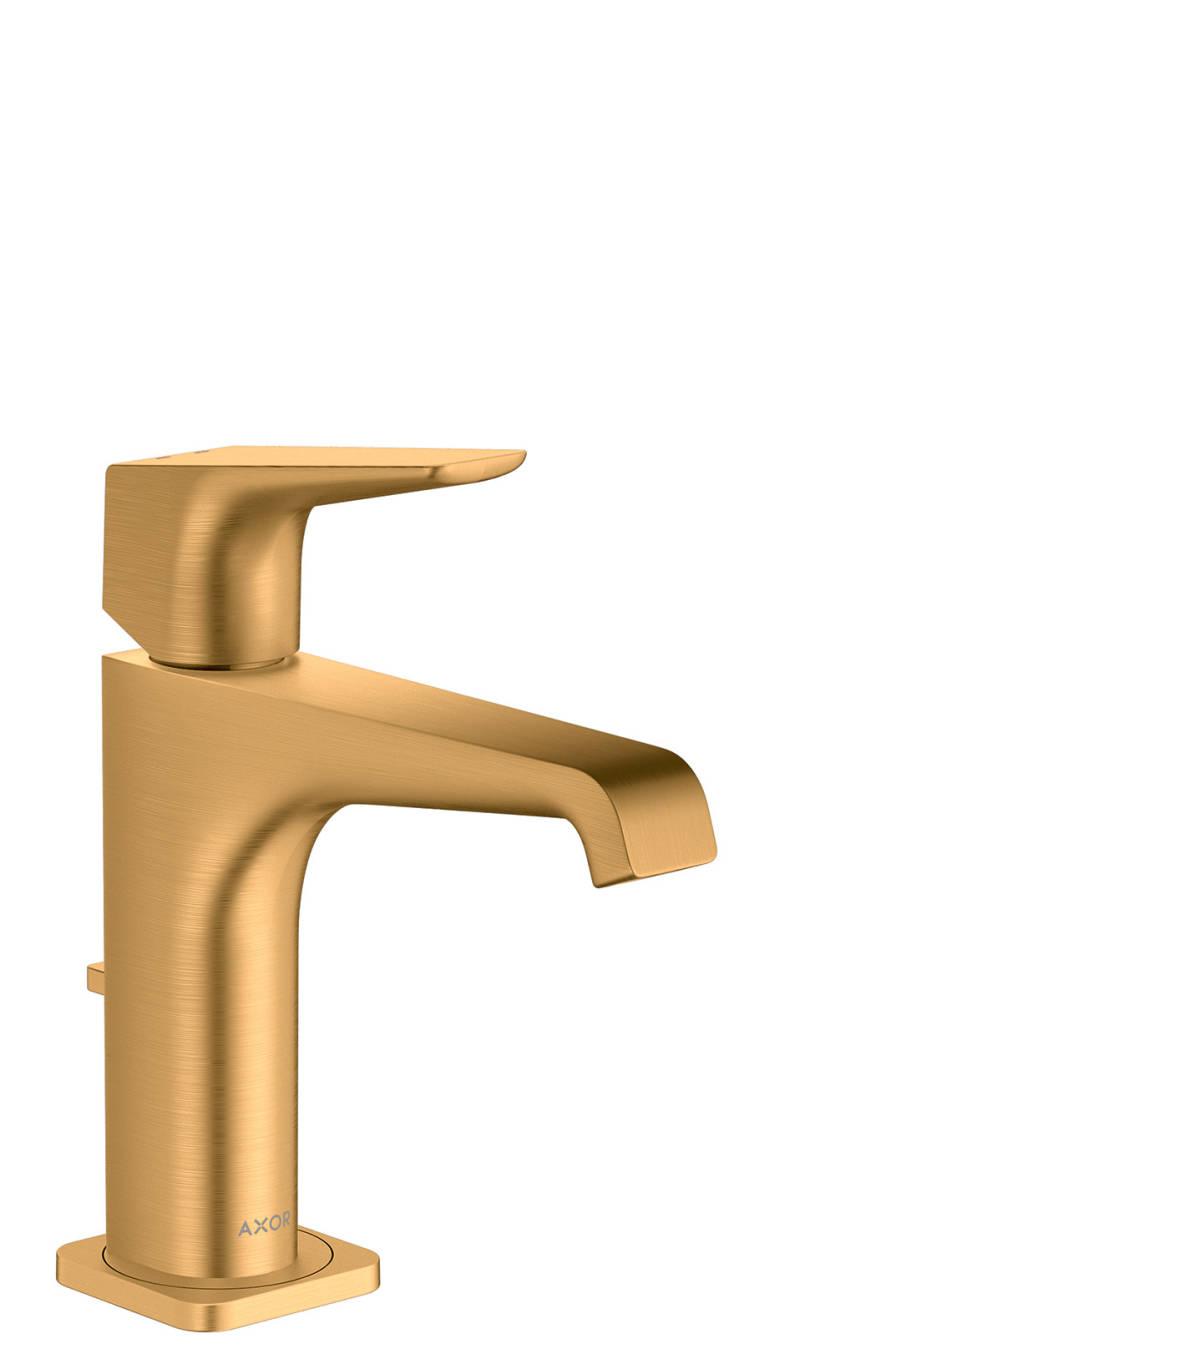 Mezclador monomando de lavabo 130 con manecilla y vaciador automático, color oro cepillado, 36110250